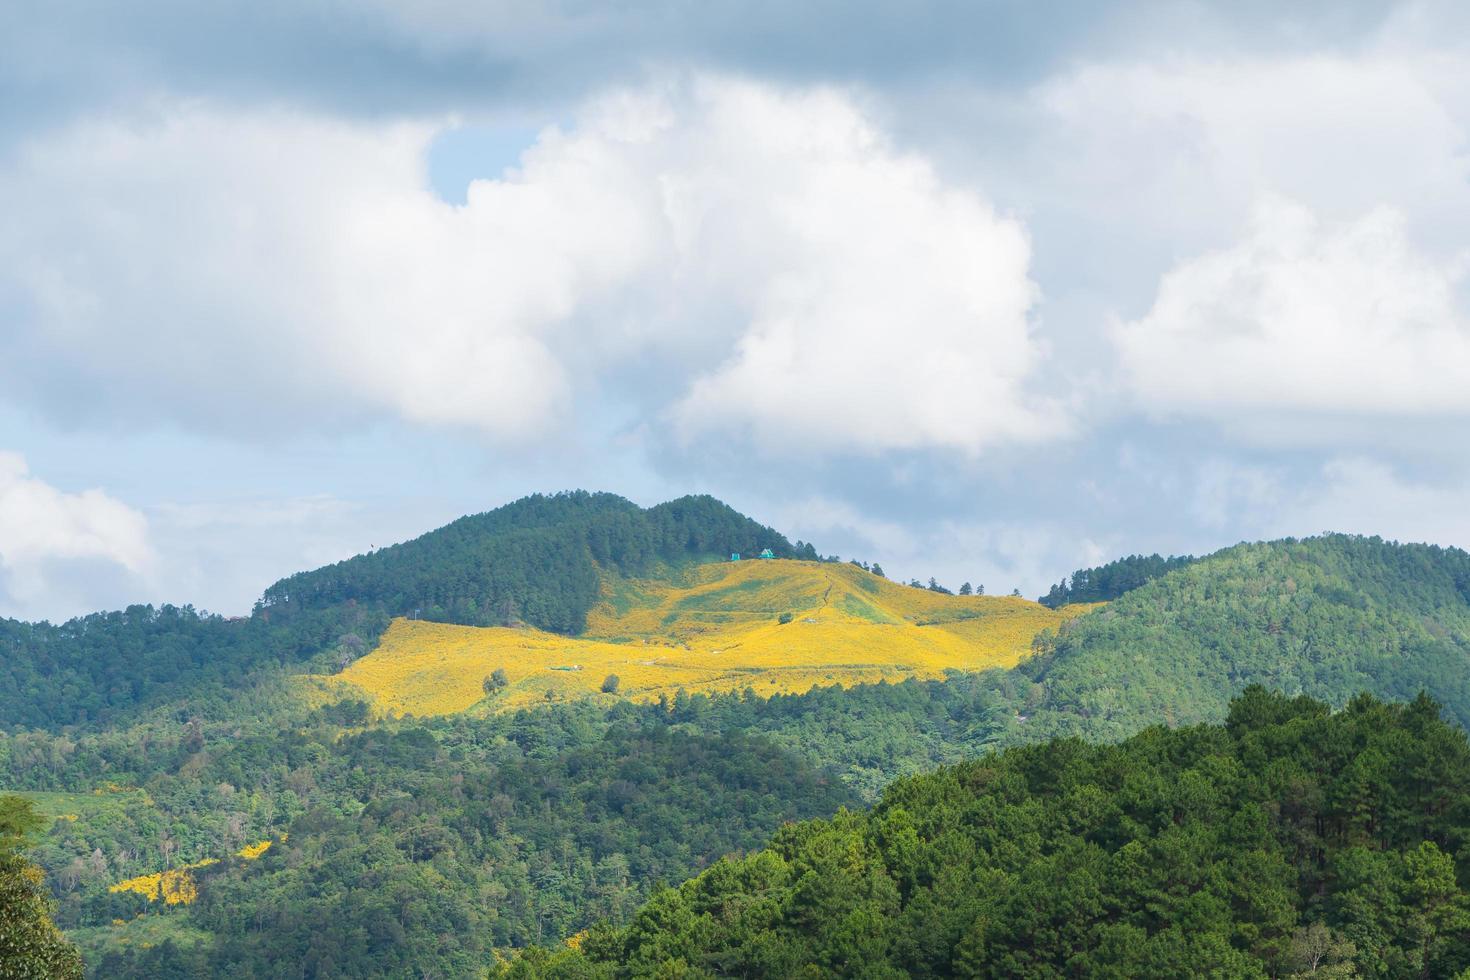 montagne et ciel en été photo